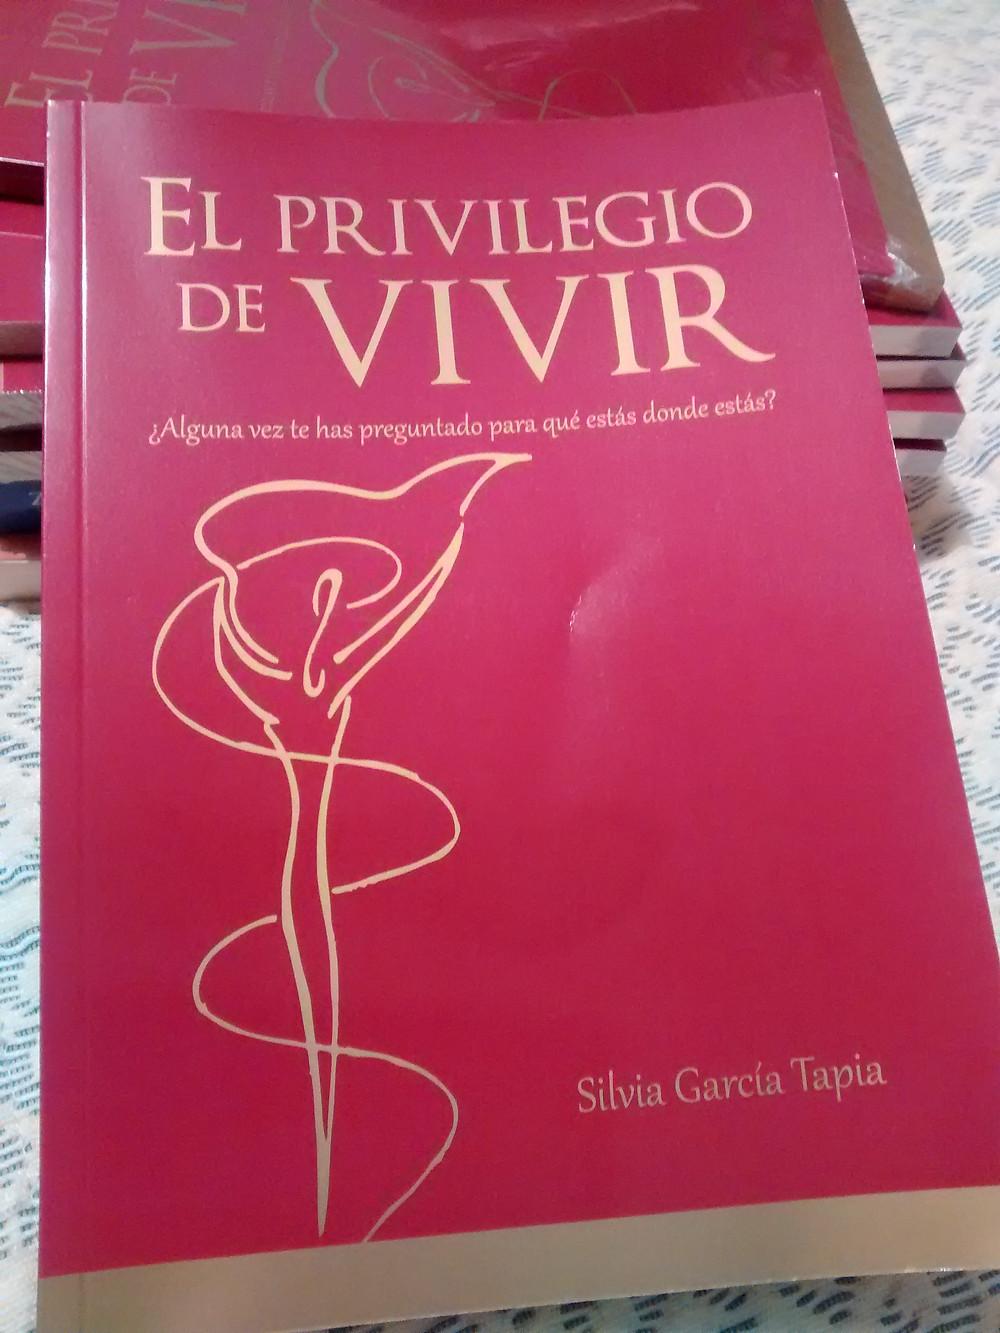 El privilegio de vivir